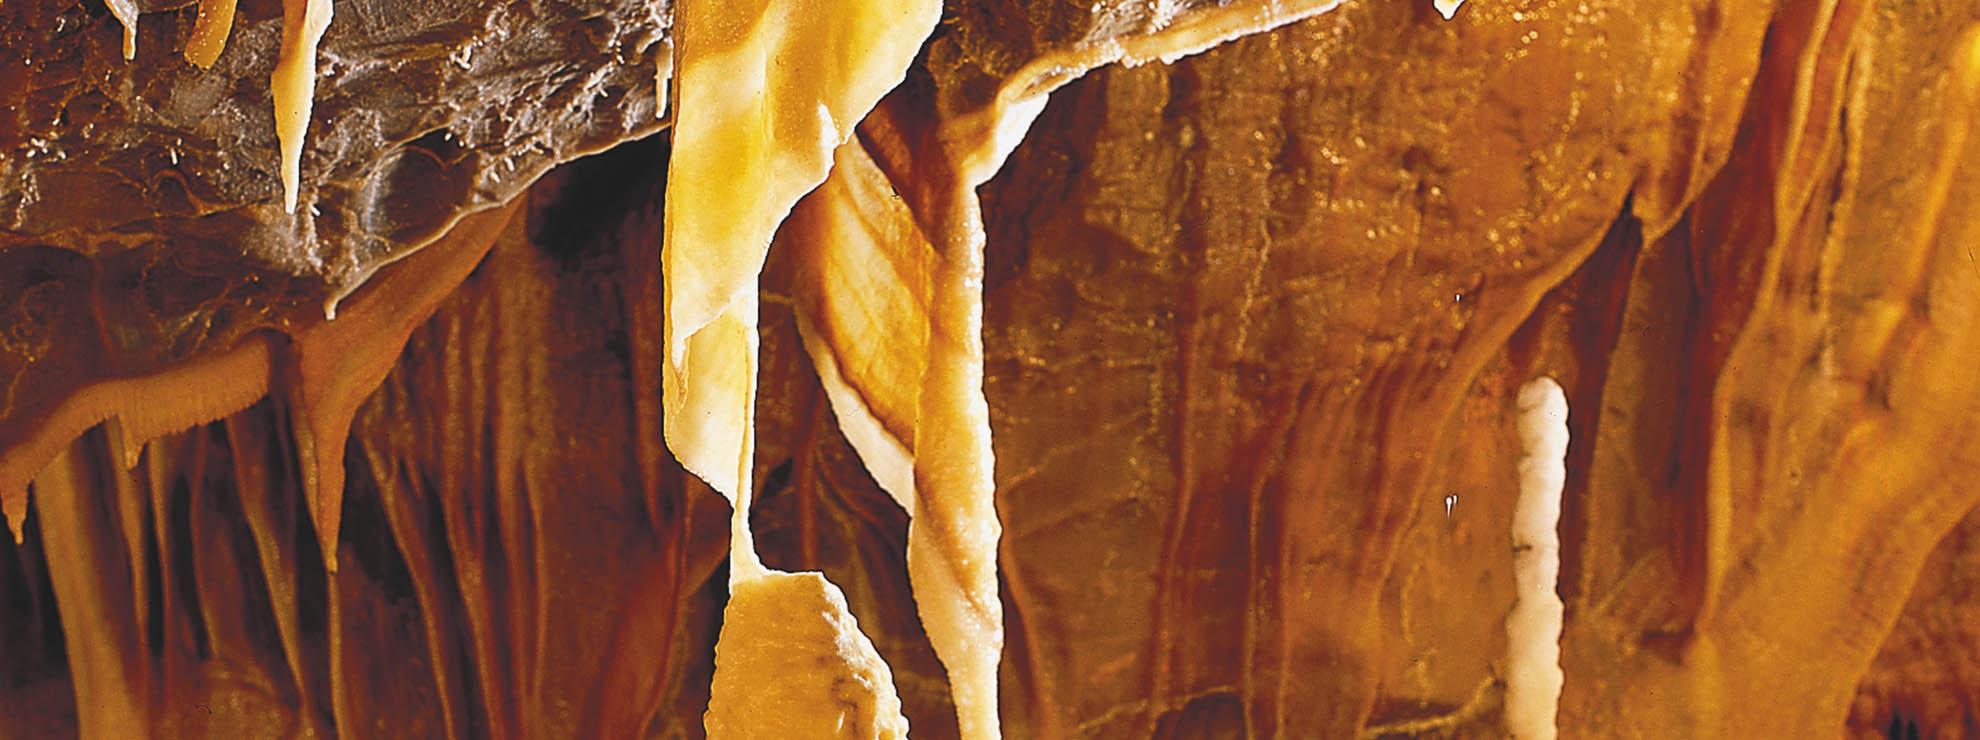 Die Atta Höhle in Attendorn ist eine Tropfsteinhöhle